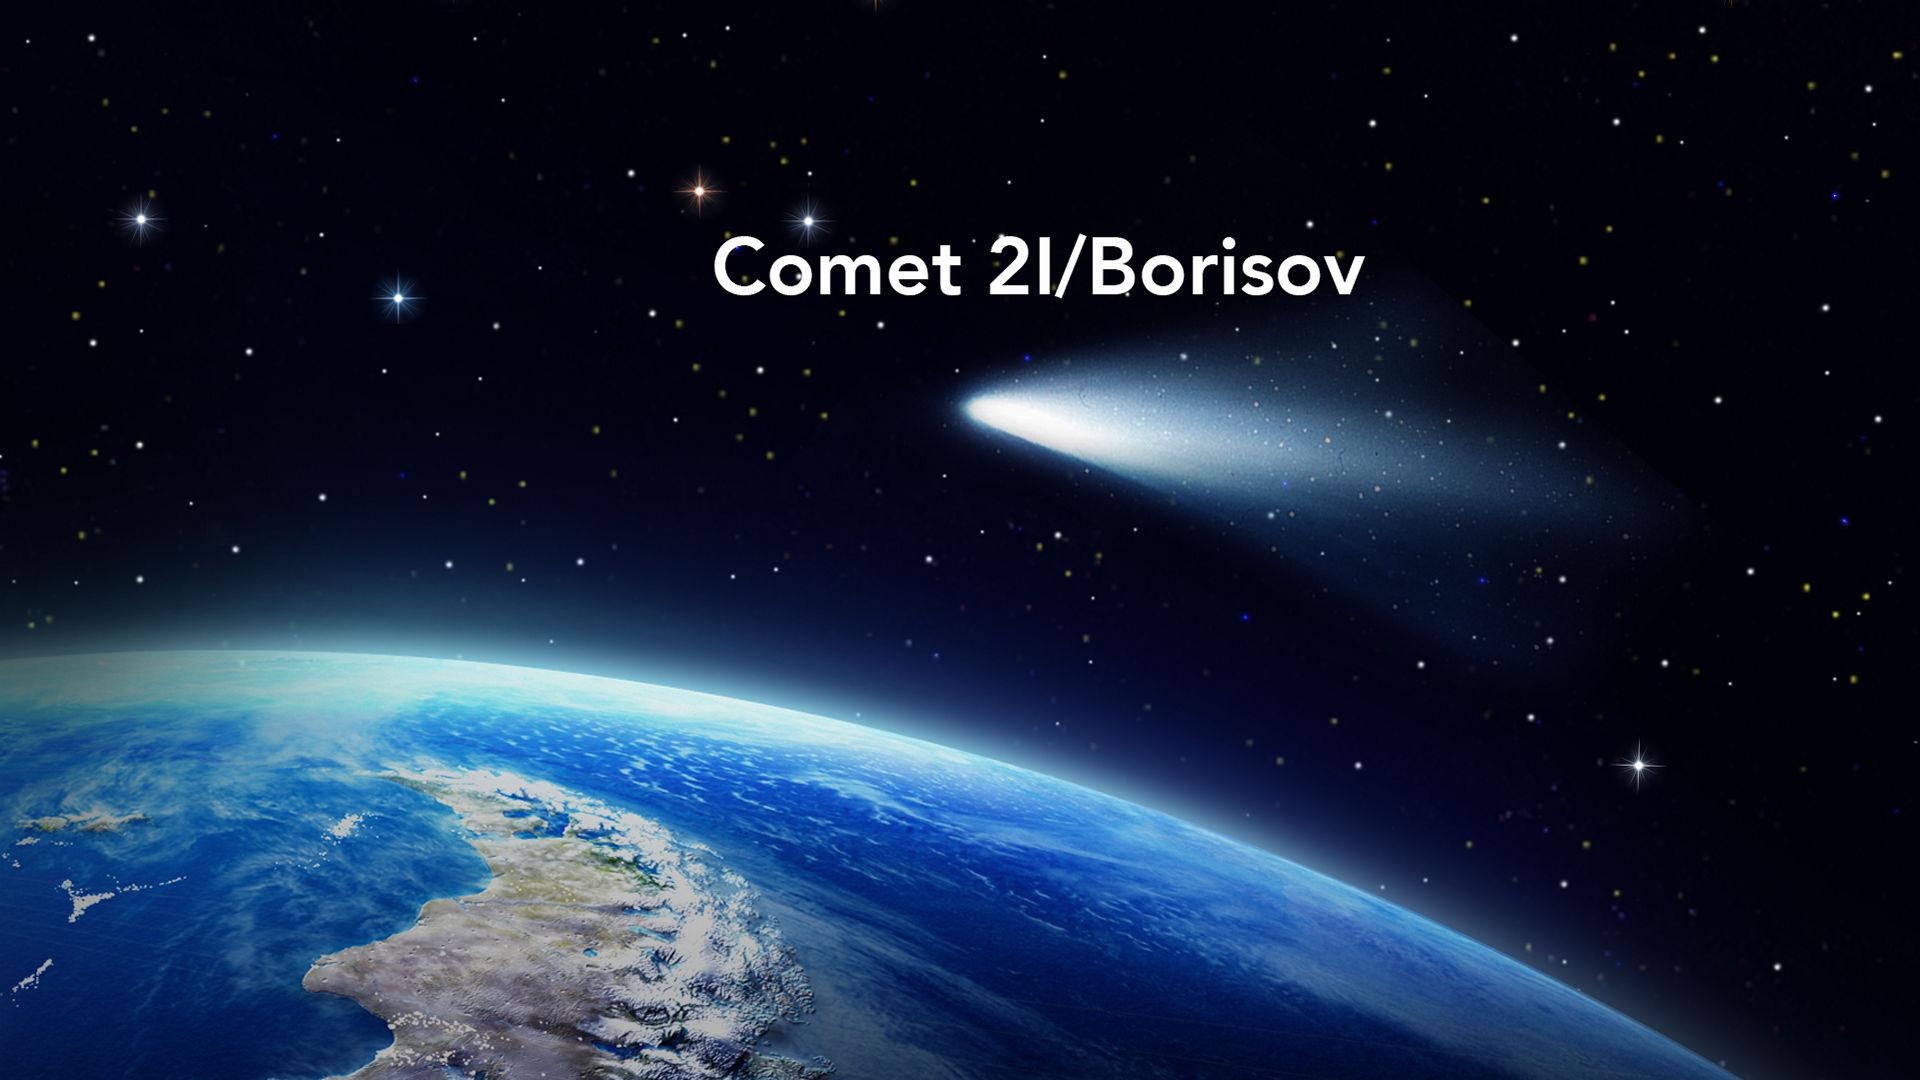 Komeet 2I / Borisov nadert de aarde